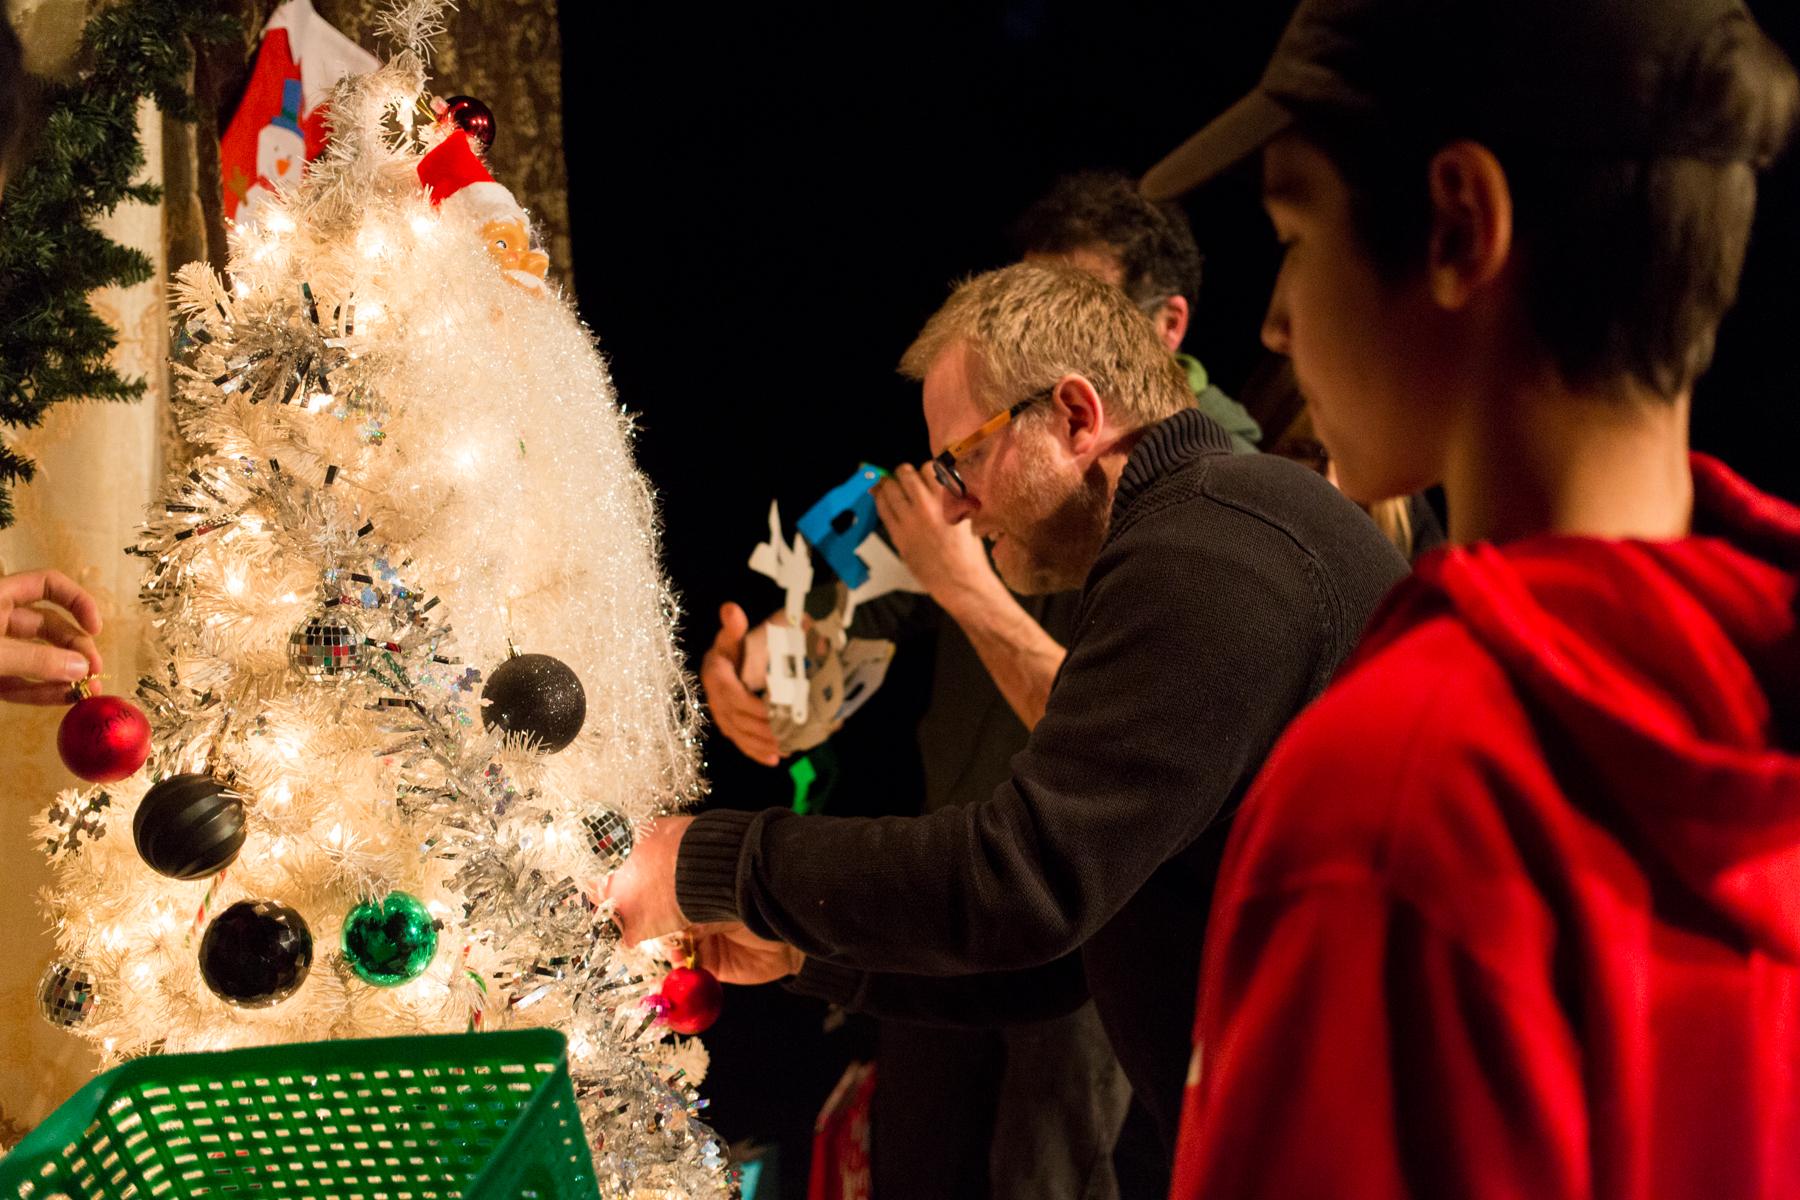 Leila_Christmas-36891.jpg